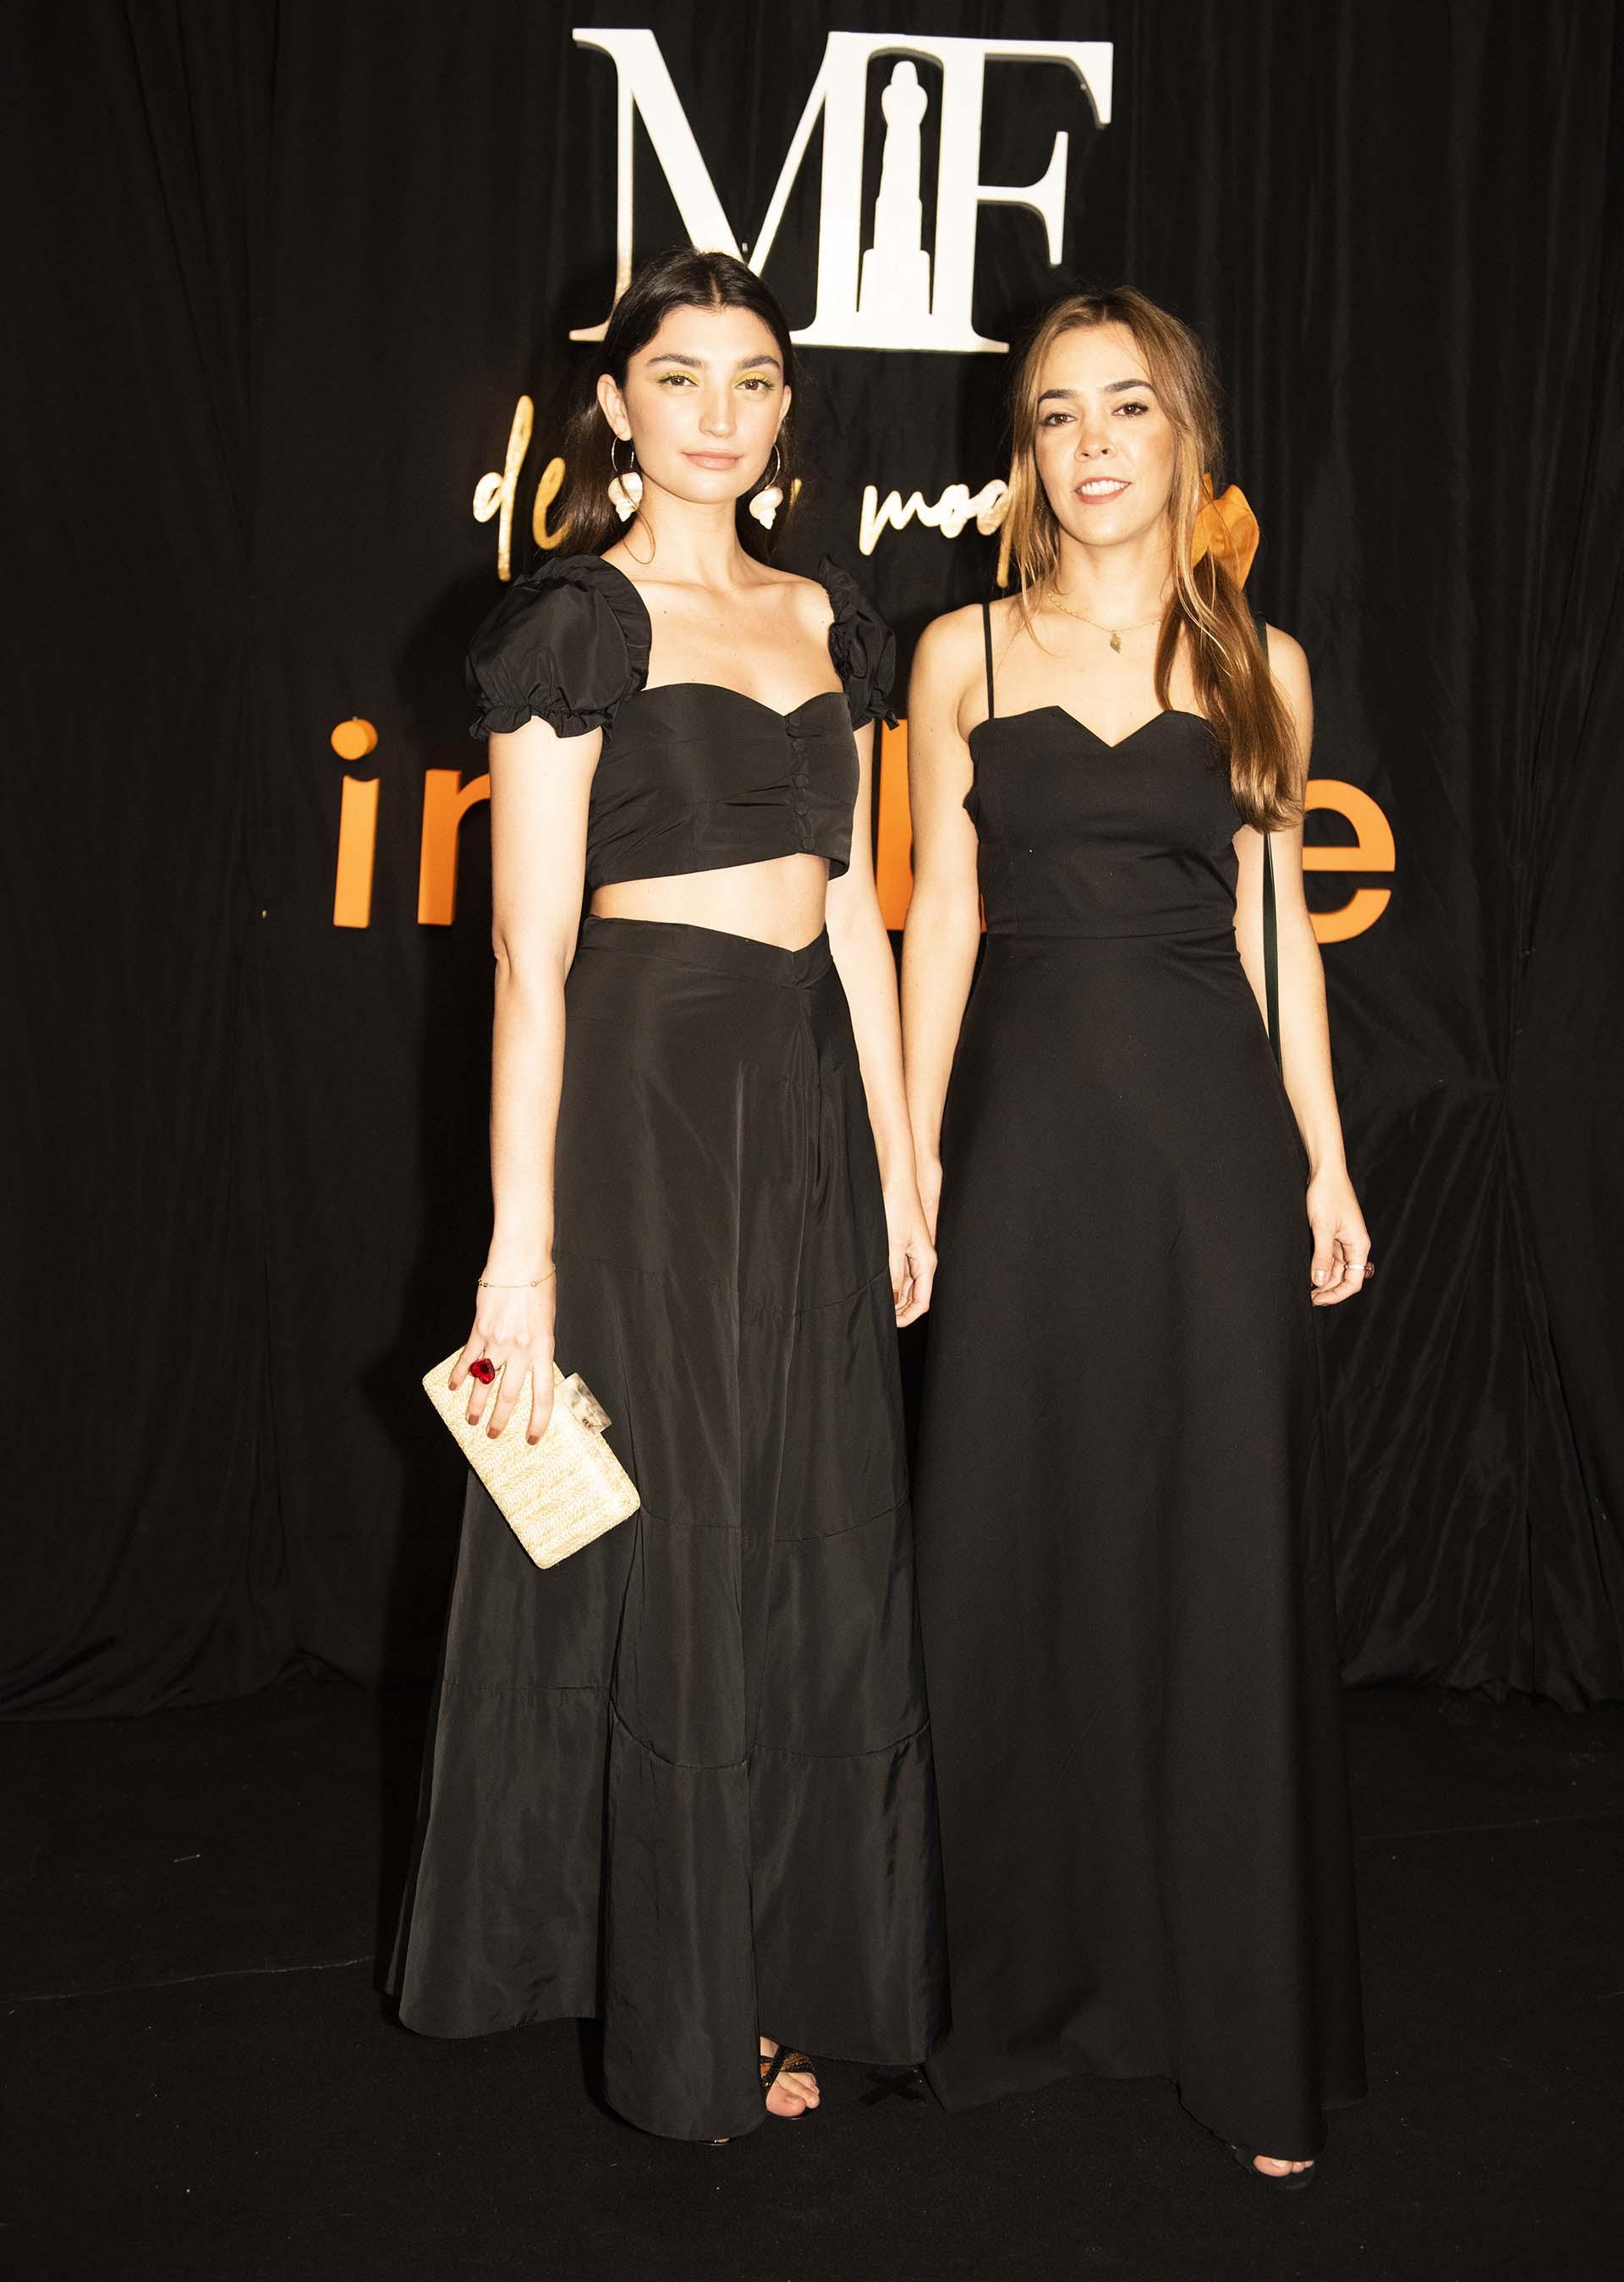 Paloma Cepeda junto con su socia Francisca López León representando a su marca FP, en la terna nuevo talento